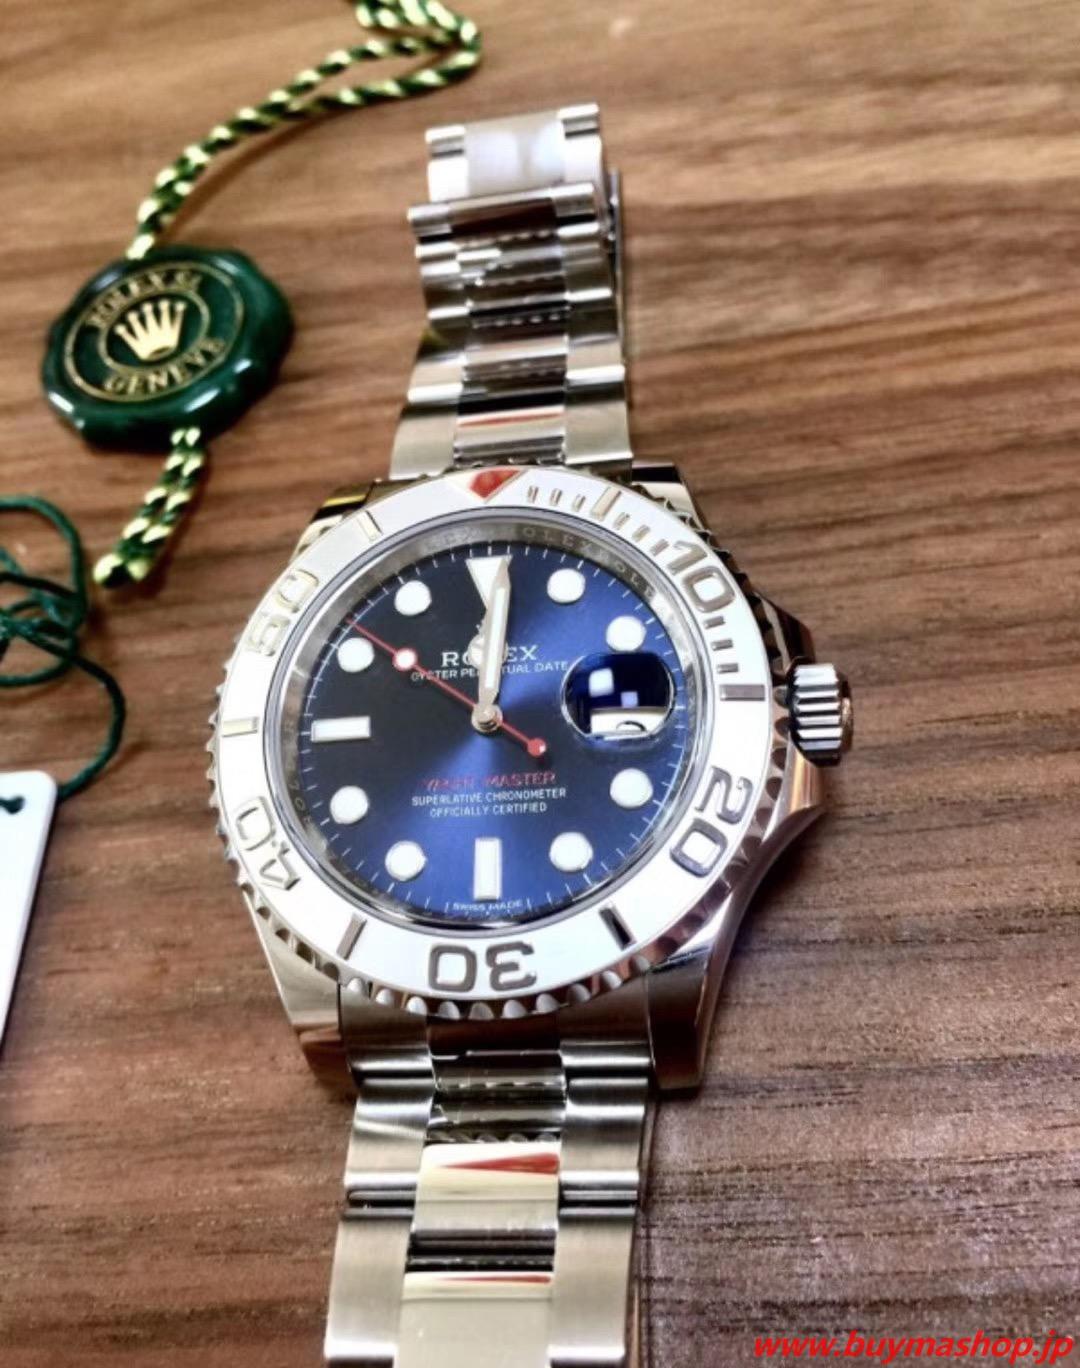 ロレックス ヨットマスター 偽物-ブルー メンズ腕時計 ダークロジウム デイトジャスト 芸能人 ボーイズ 魅力 40mm 時計 ブランド 安い